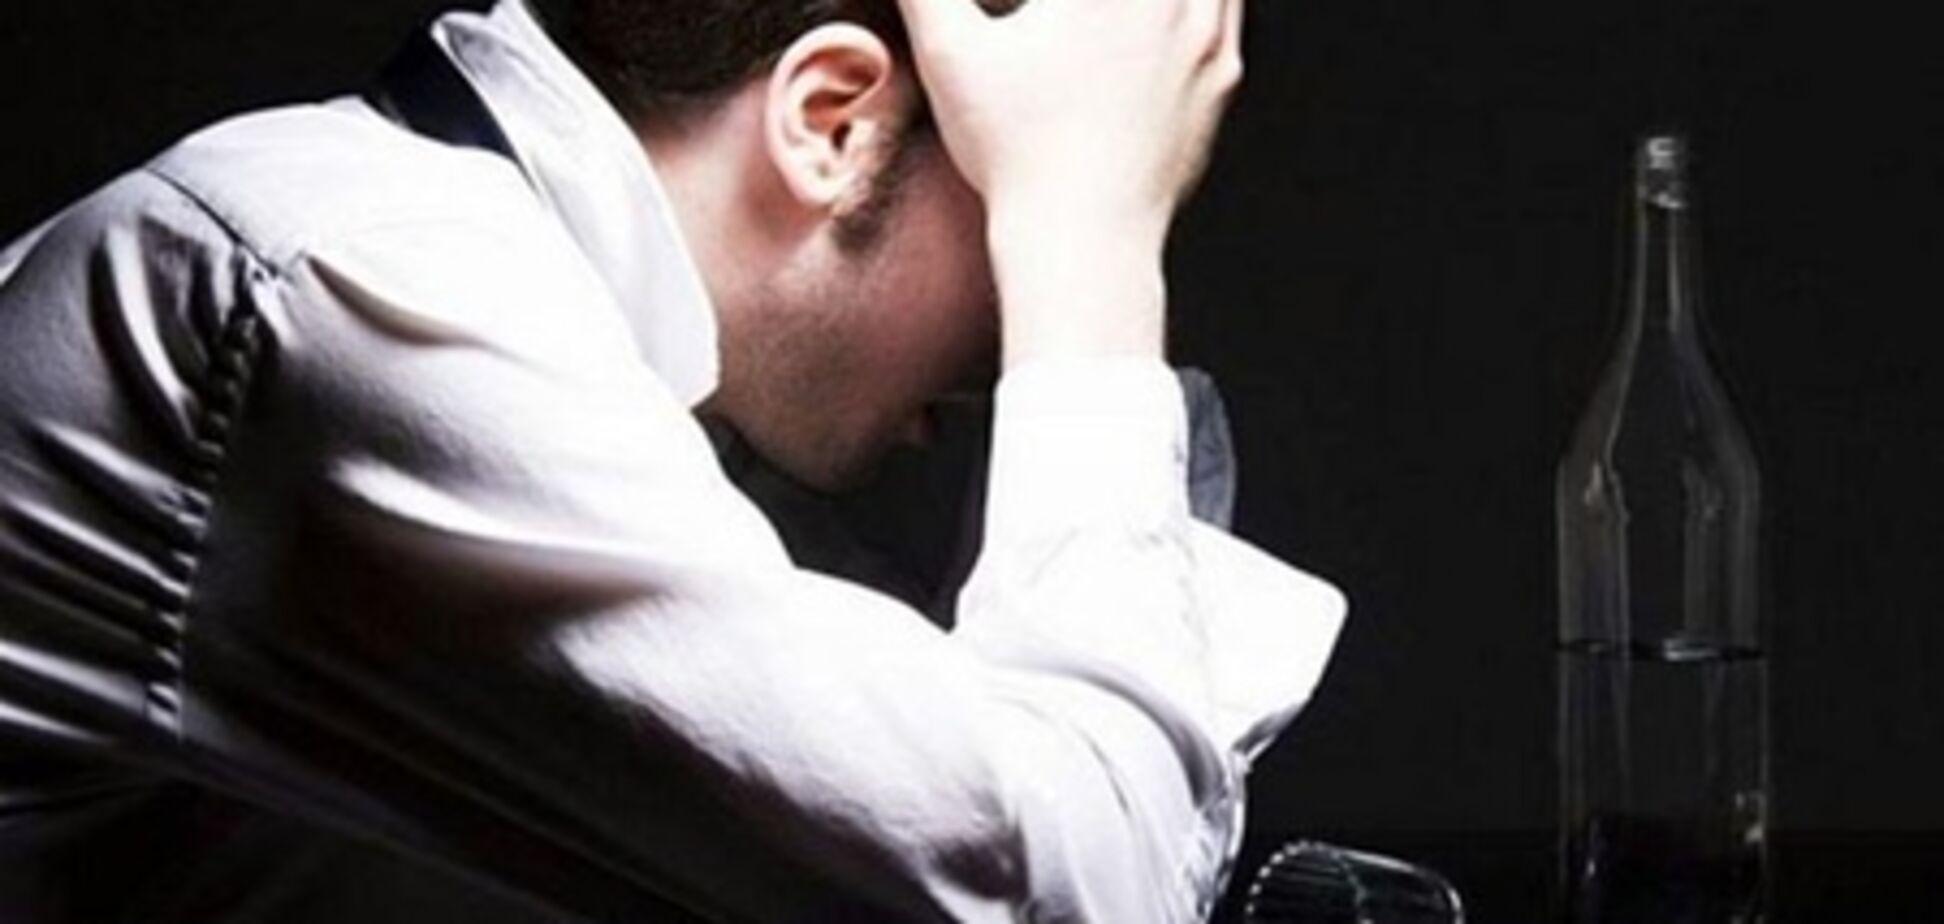 У Росії чоловік погрожував підірвати будинок, вимагаючи горілки